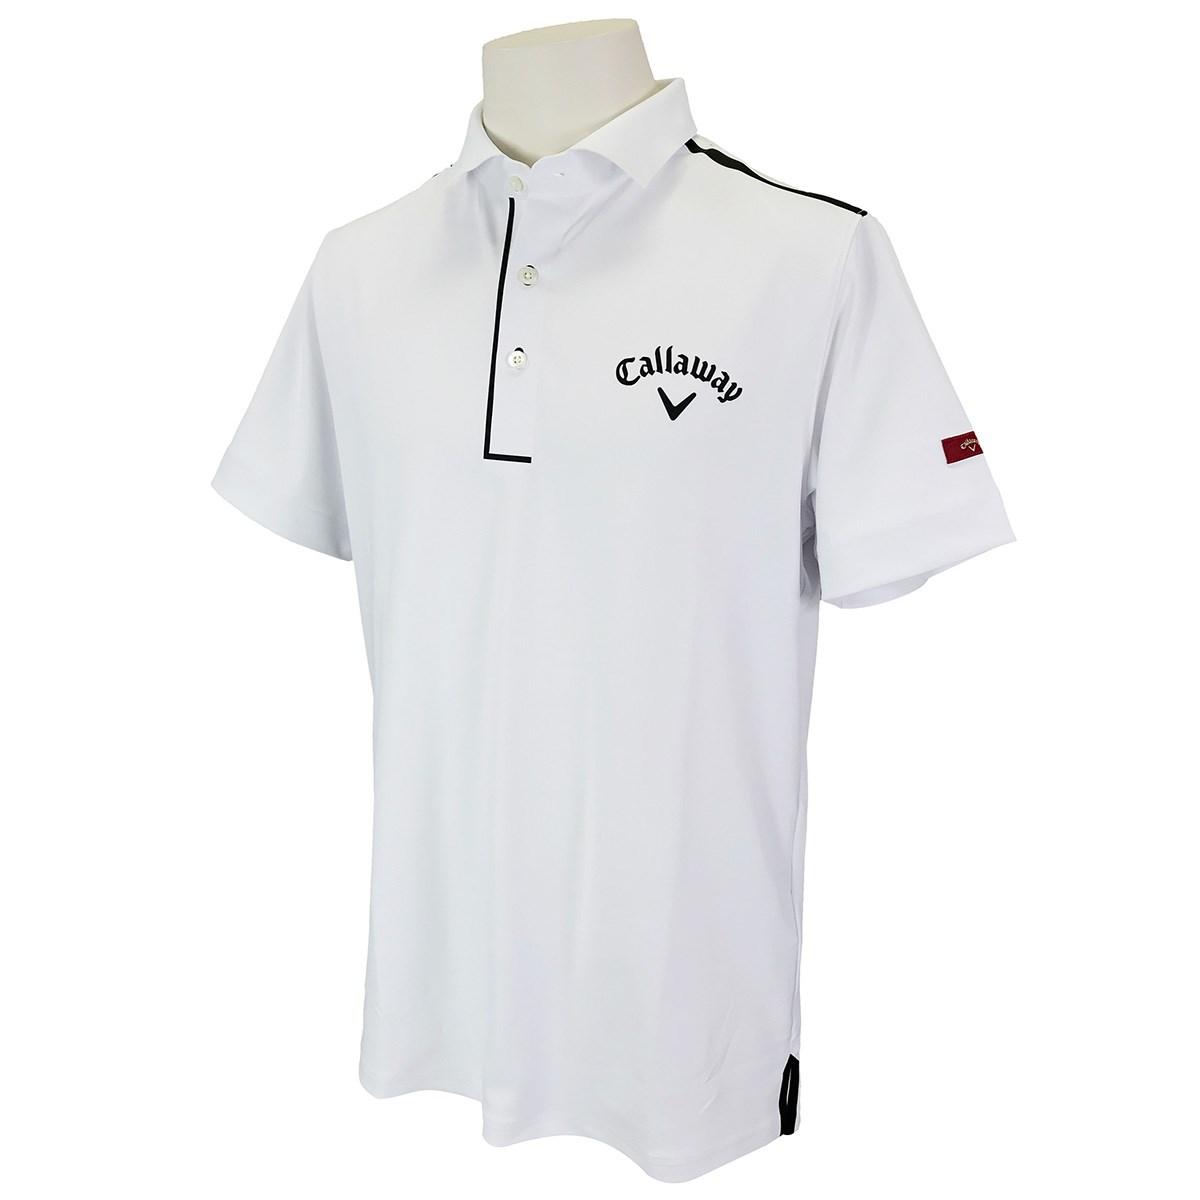 キャロウェイゴルフ CALLAWAY SELECT 半袖ポロシャツ M ホワイト 030